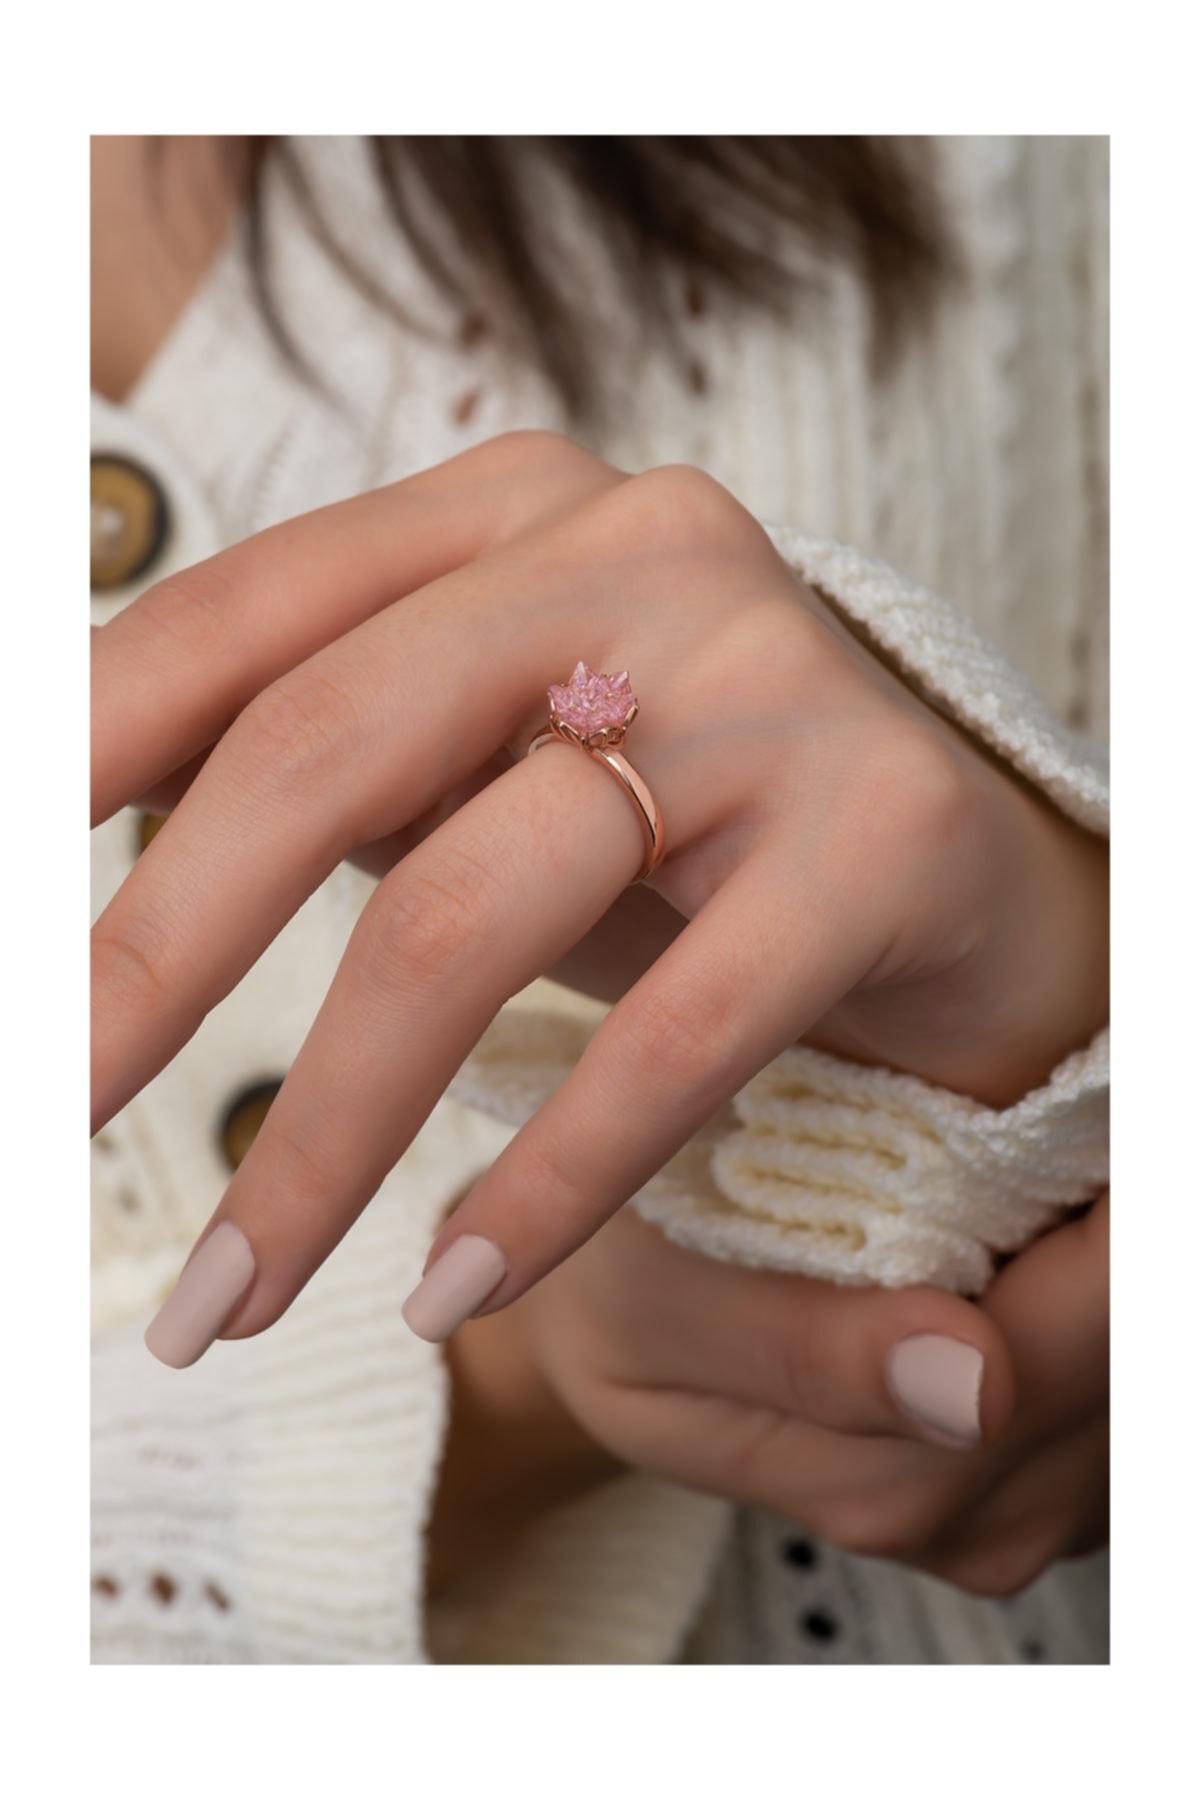 Papatya Silver Lotus Çiçeği Pembe Taşlı Kadın Yüzüğü - Ayarlanabilir Ölçülü -  Rose Gold Kaplama 925 Ayar Gümüş 1